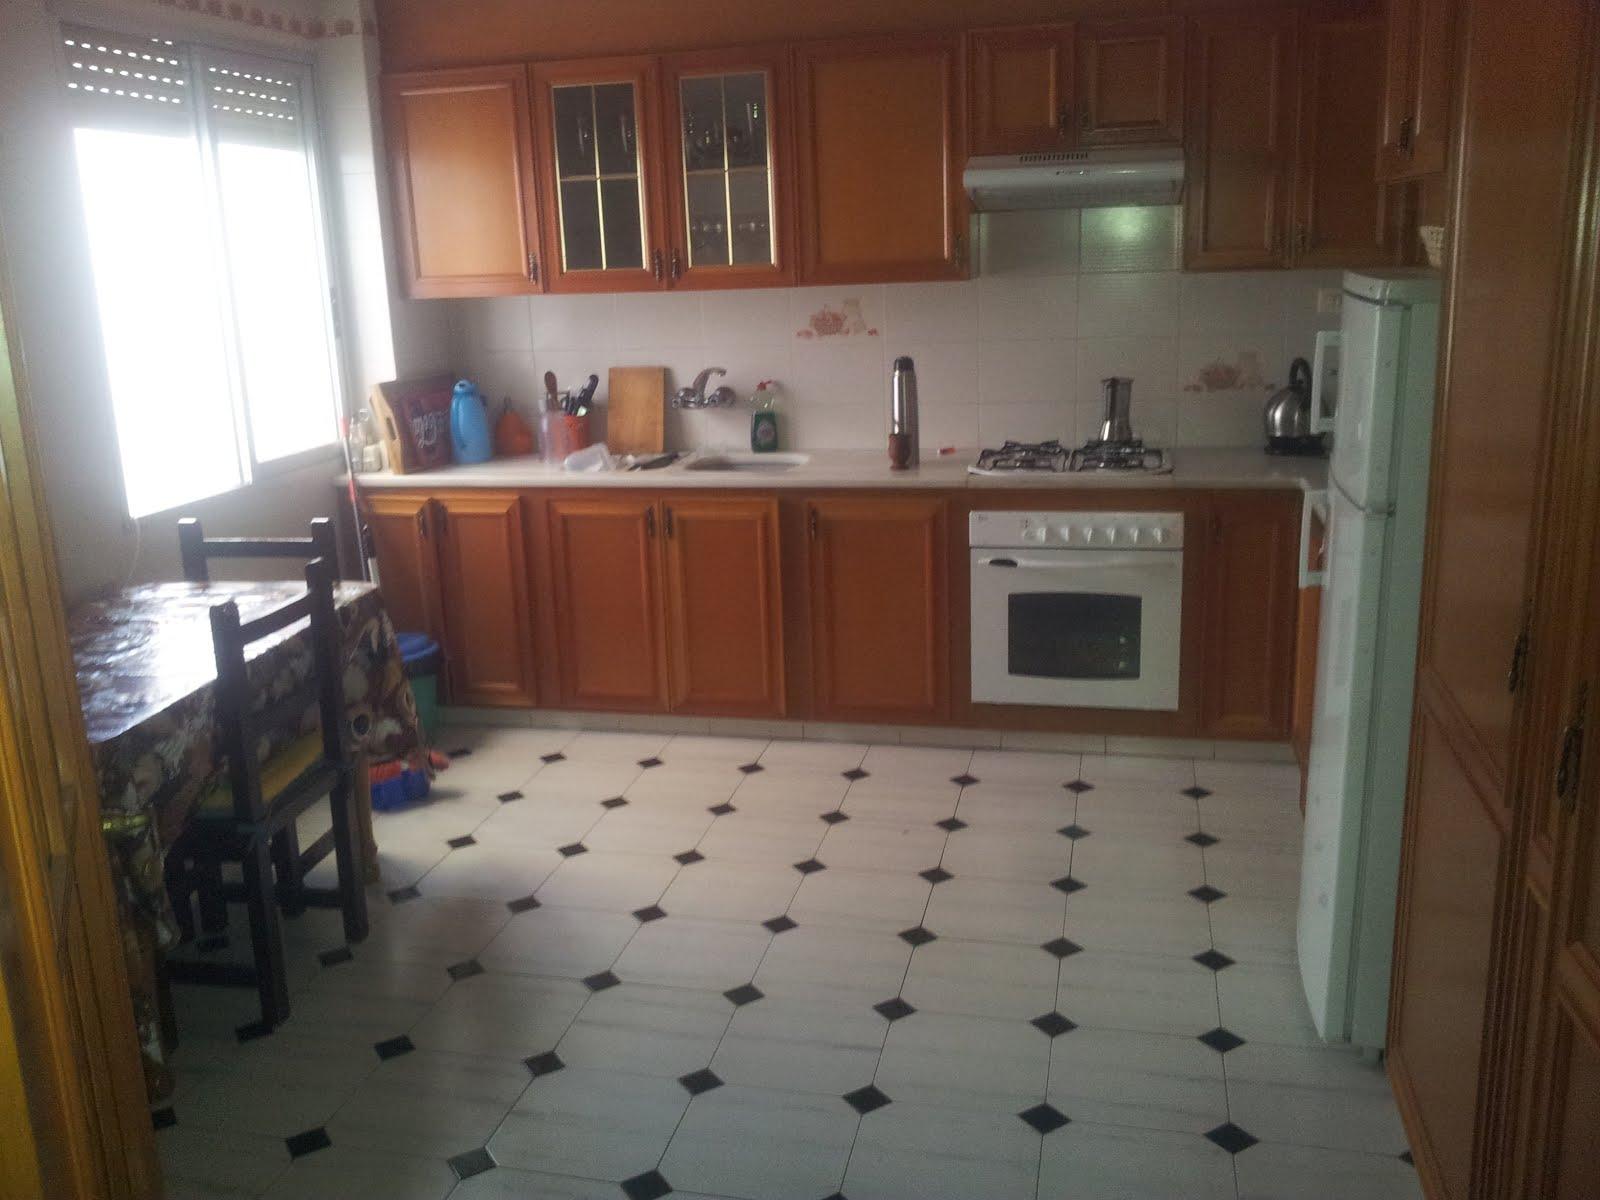 Cocina comedor pisos procedimientos policiales direccion for Pisos de ceramica para cocina comedor